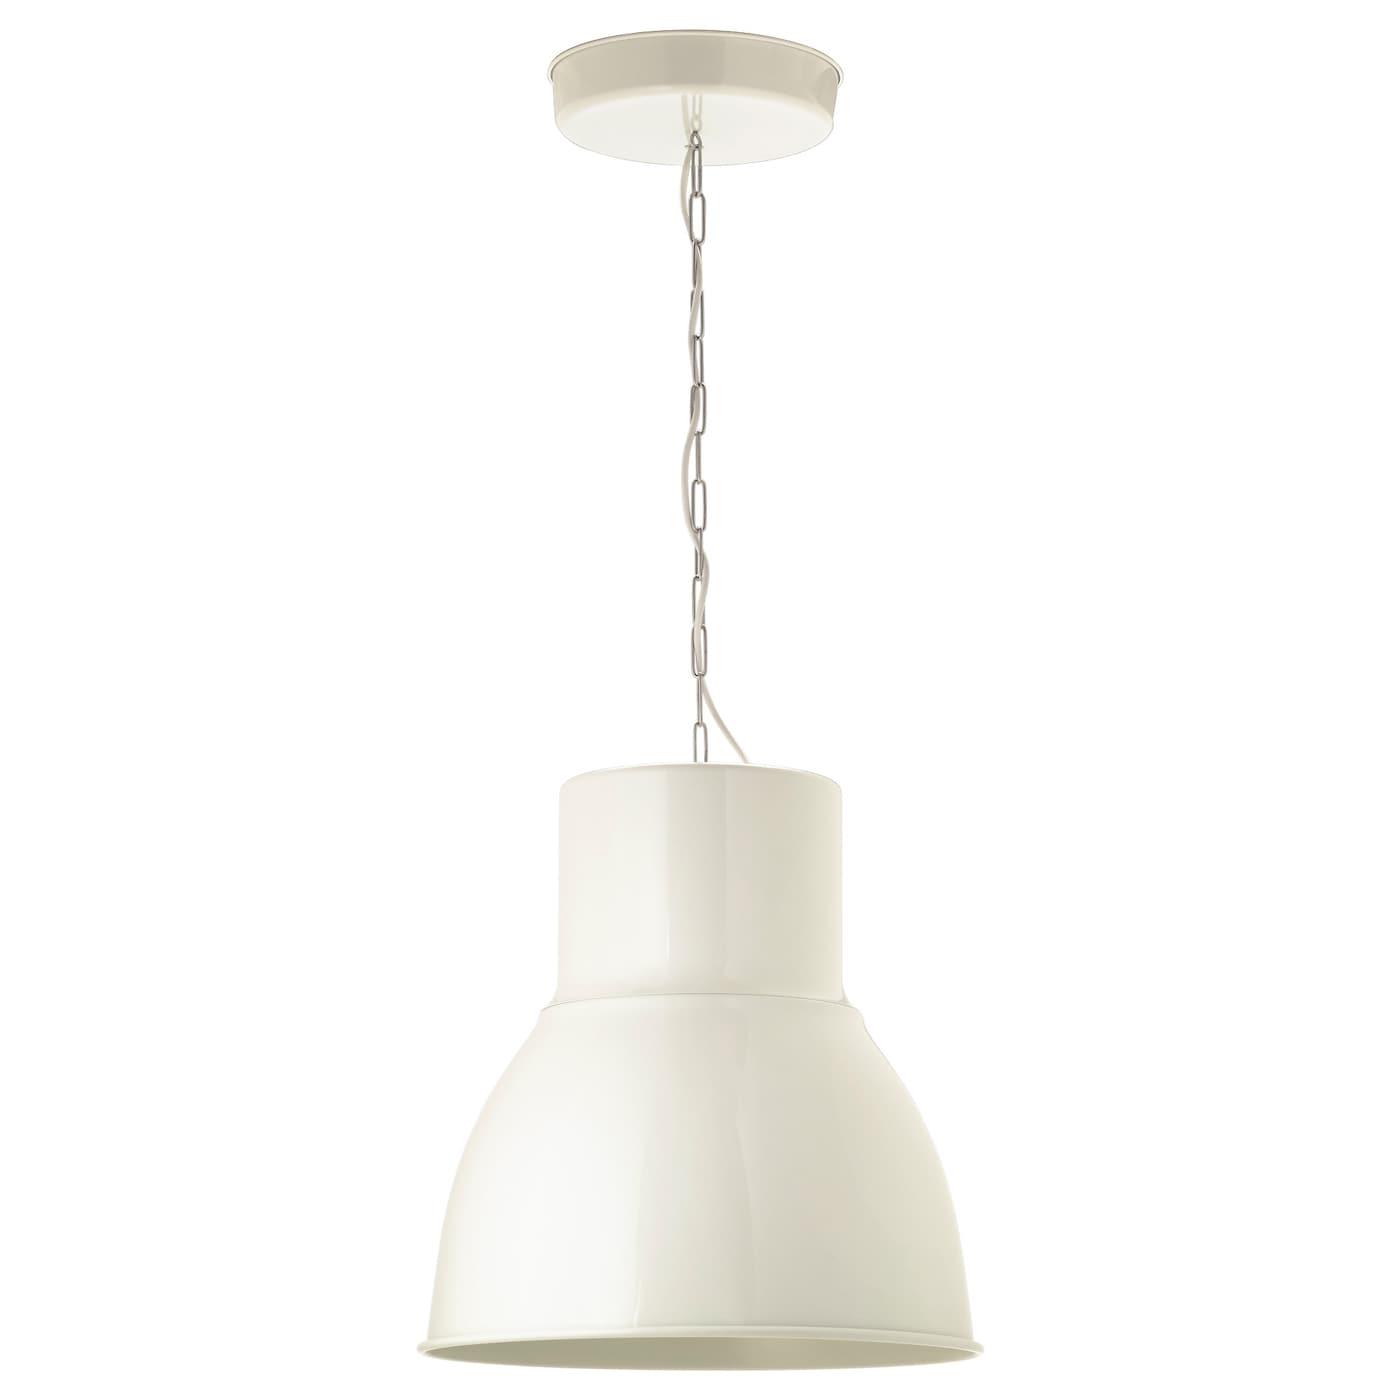 HEKTAR Pendant Lamp White 47 Cm